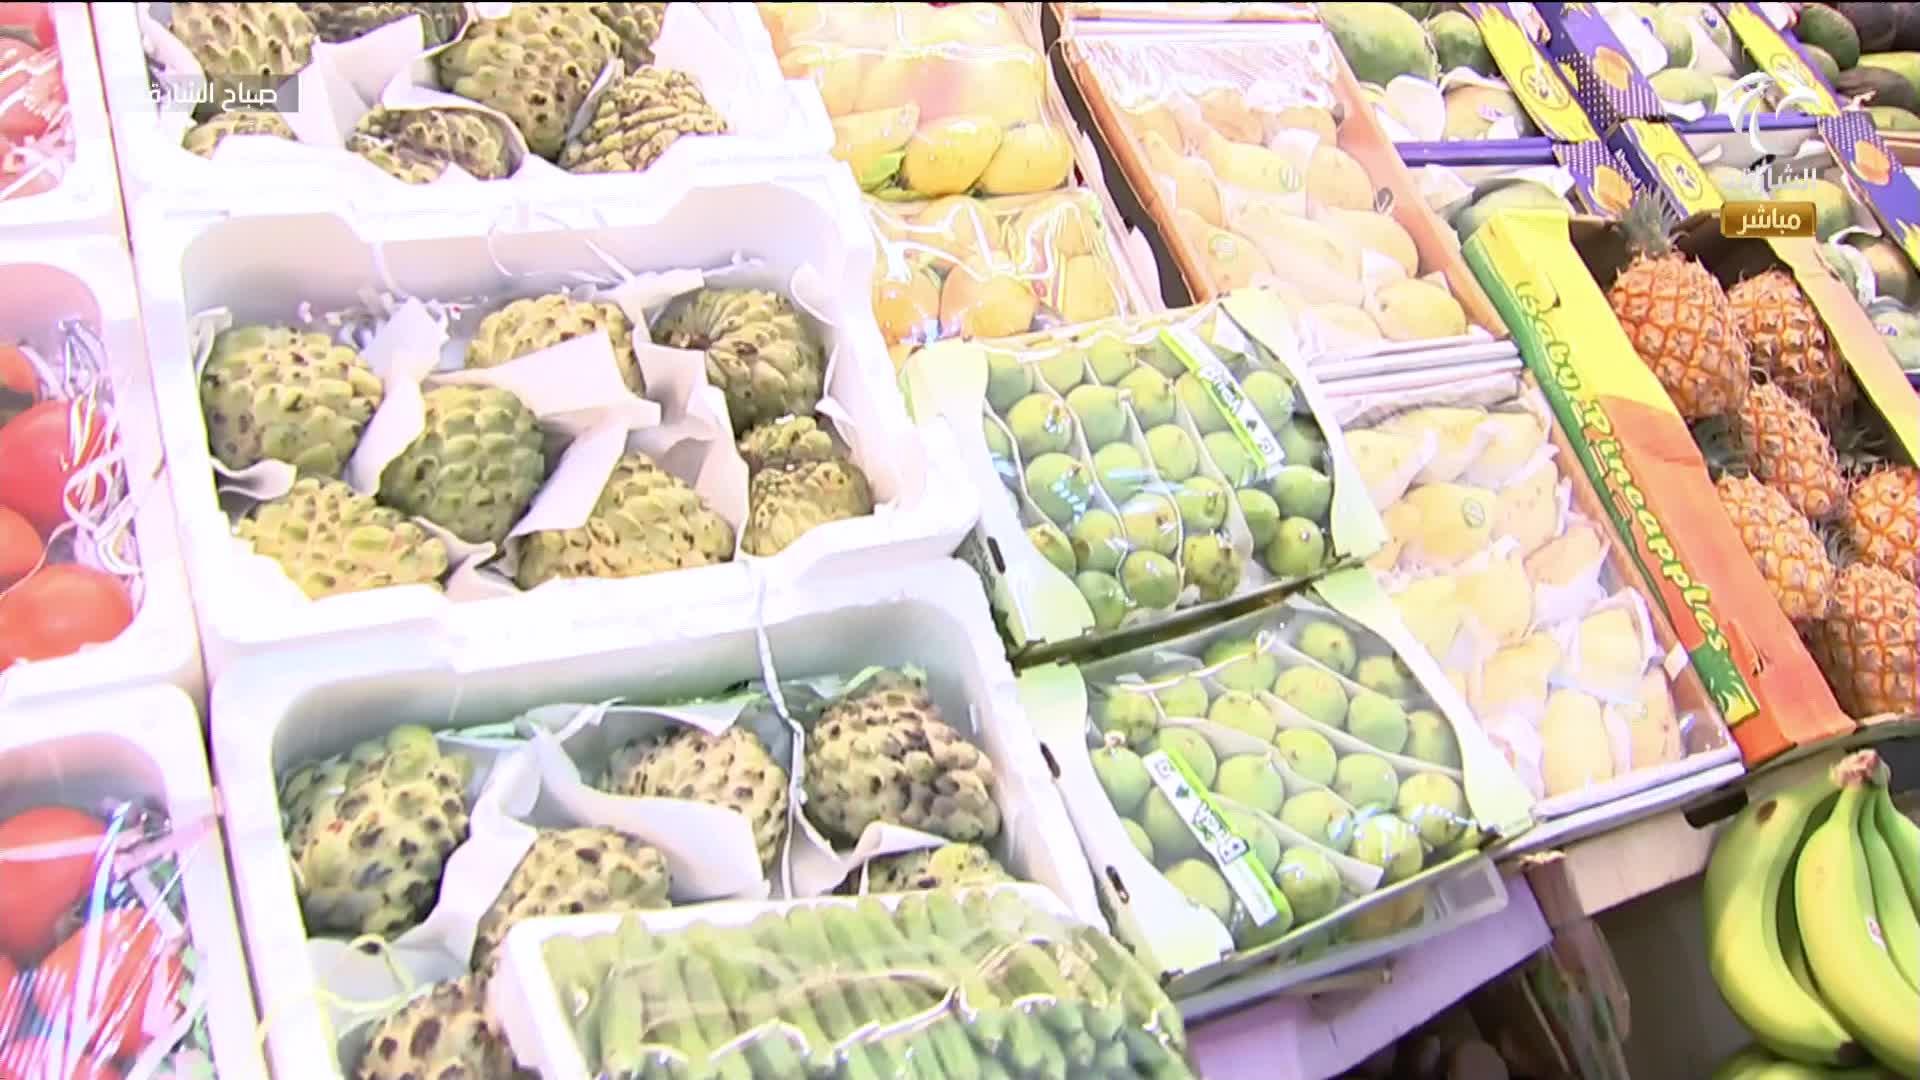 أسعار الخضار و الفواكه في سوق الجبيل 20-10-2021